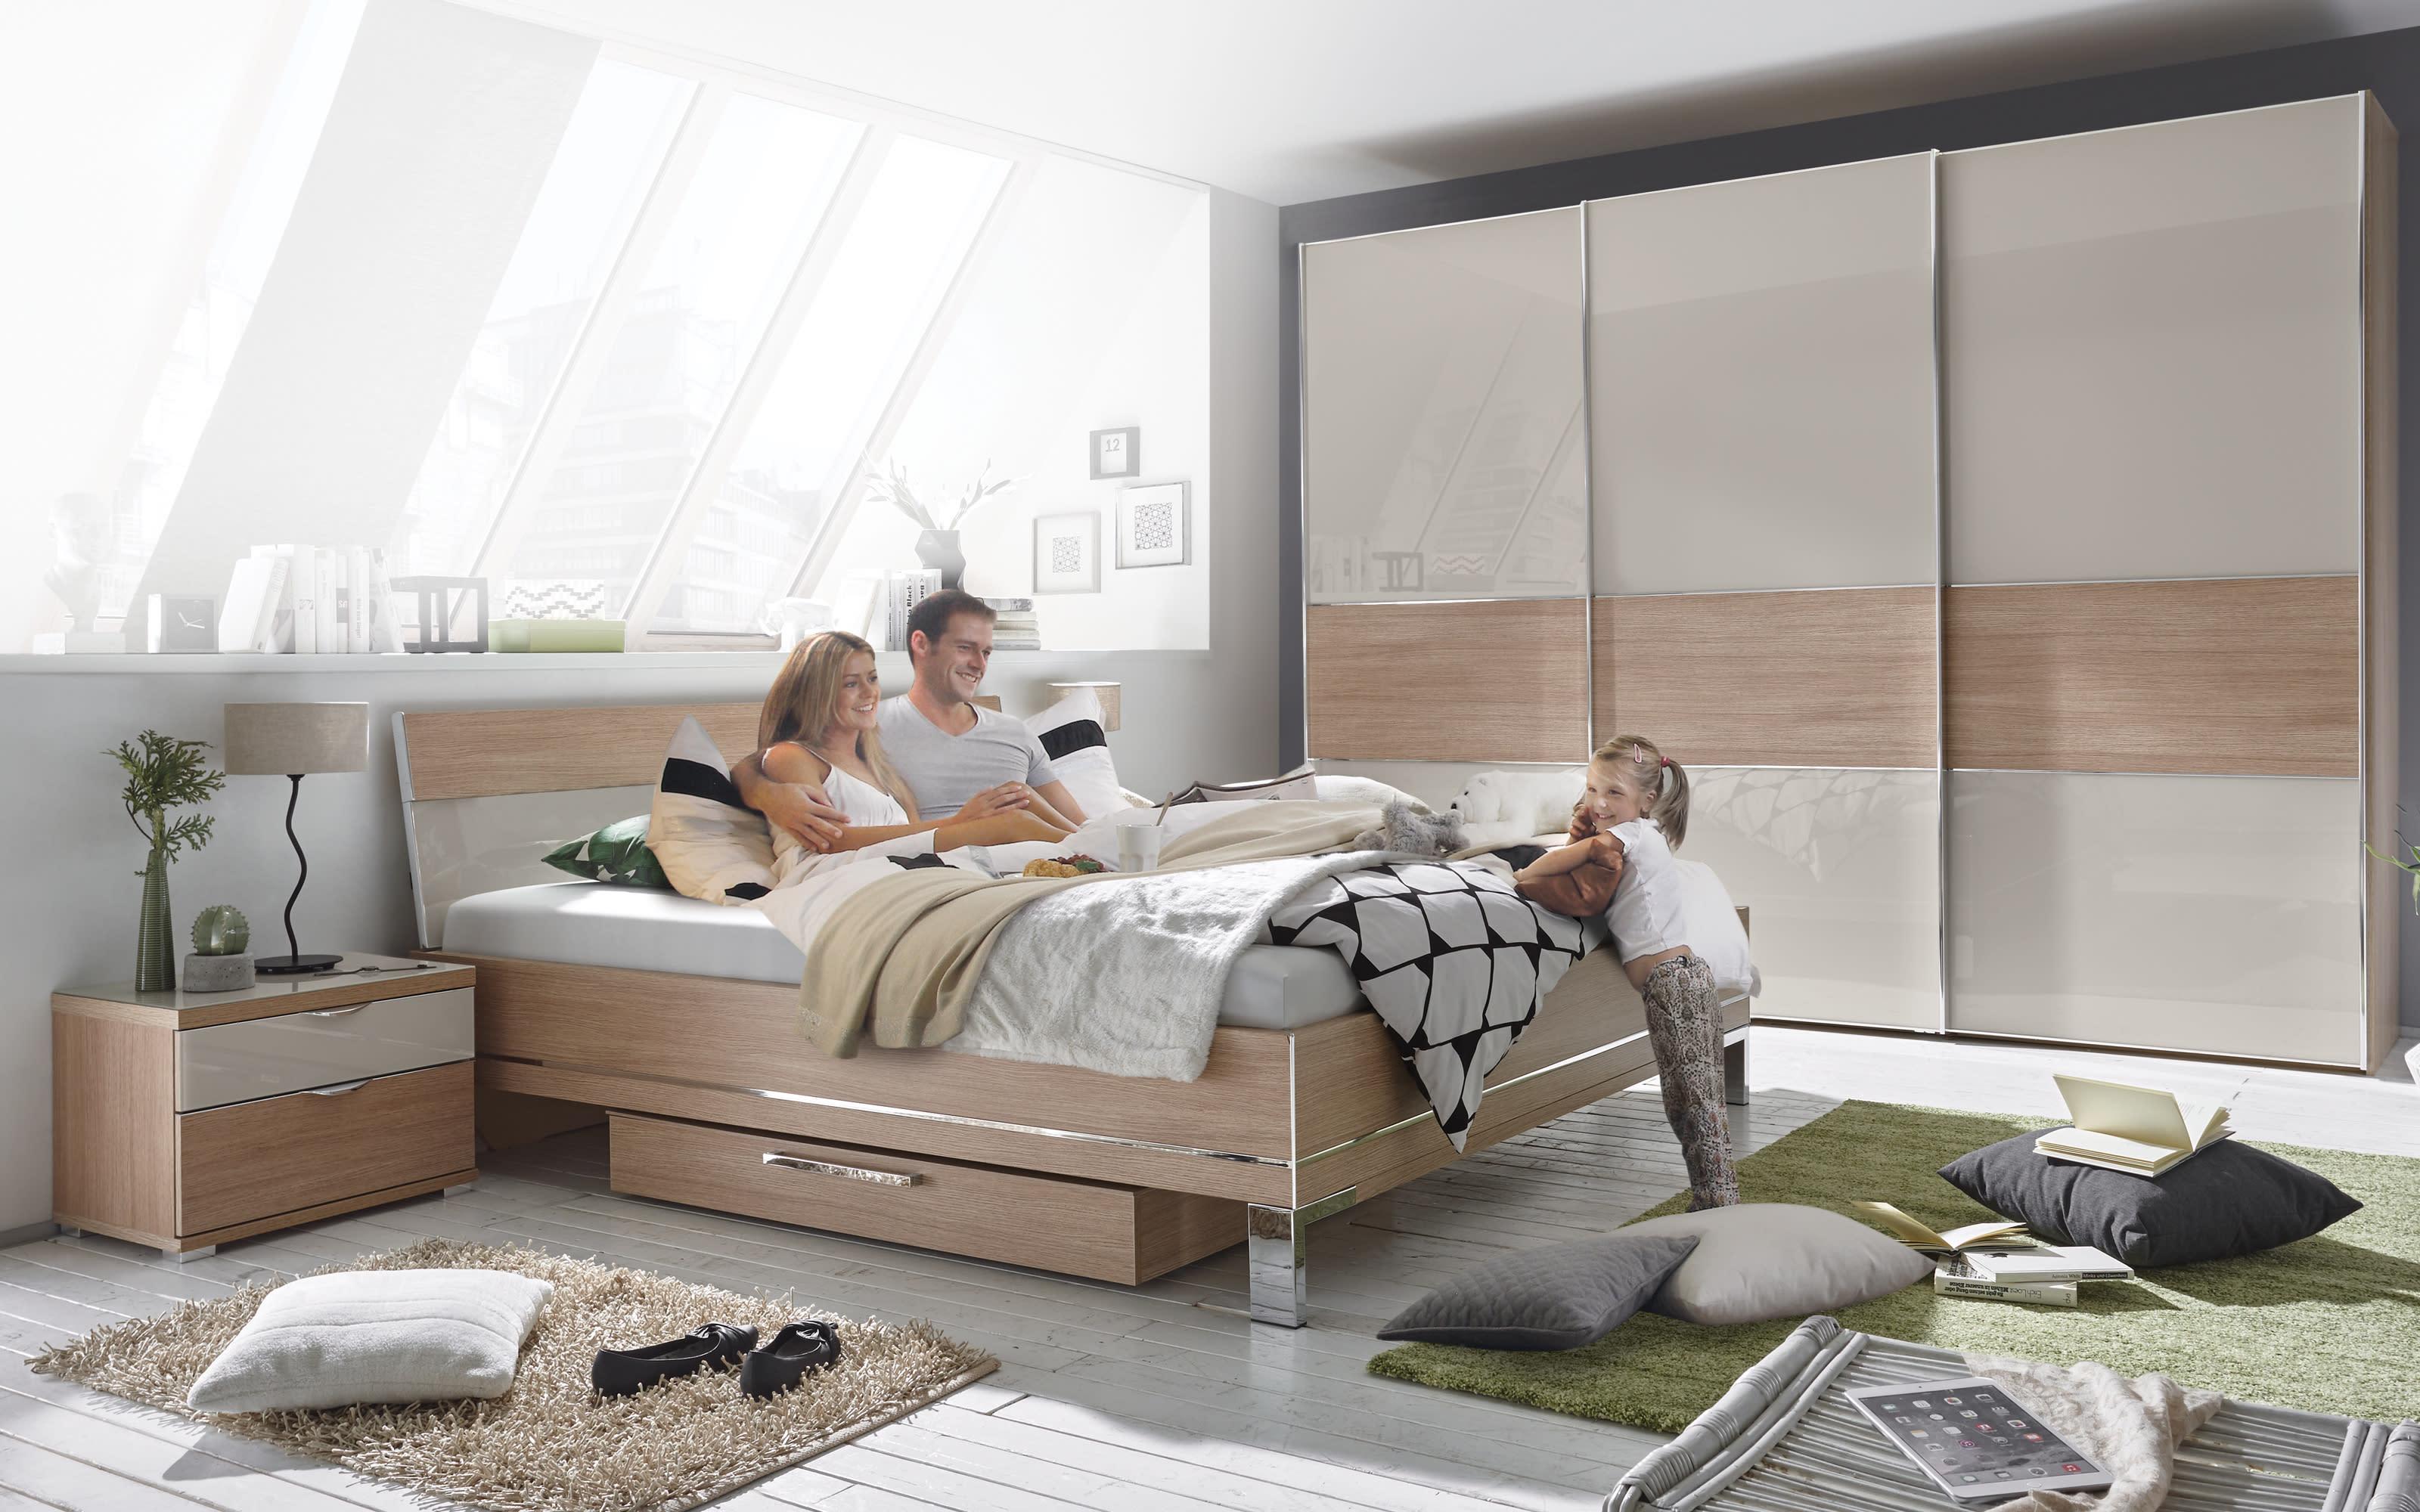 Schlafzimmer Studioline in Eiche natur-Nachbildung/sand, Schrankbreite ca. 280 cm, Liegefläche ca. 180 x 200 cm